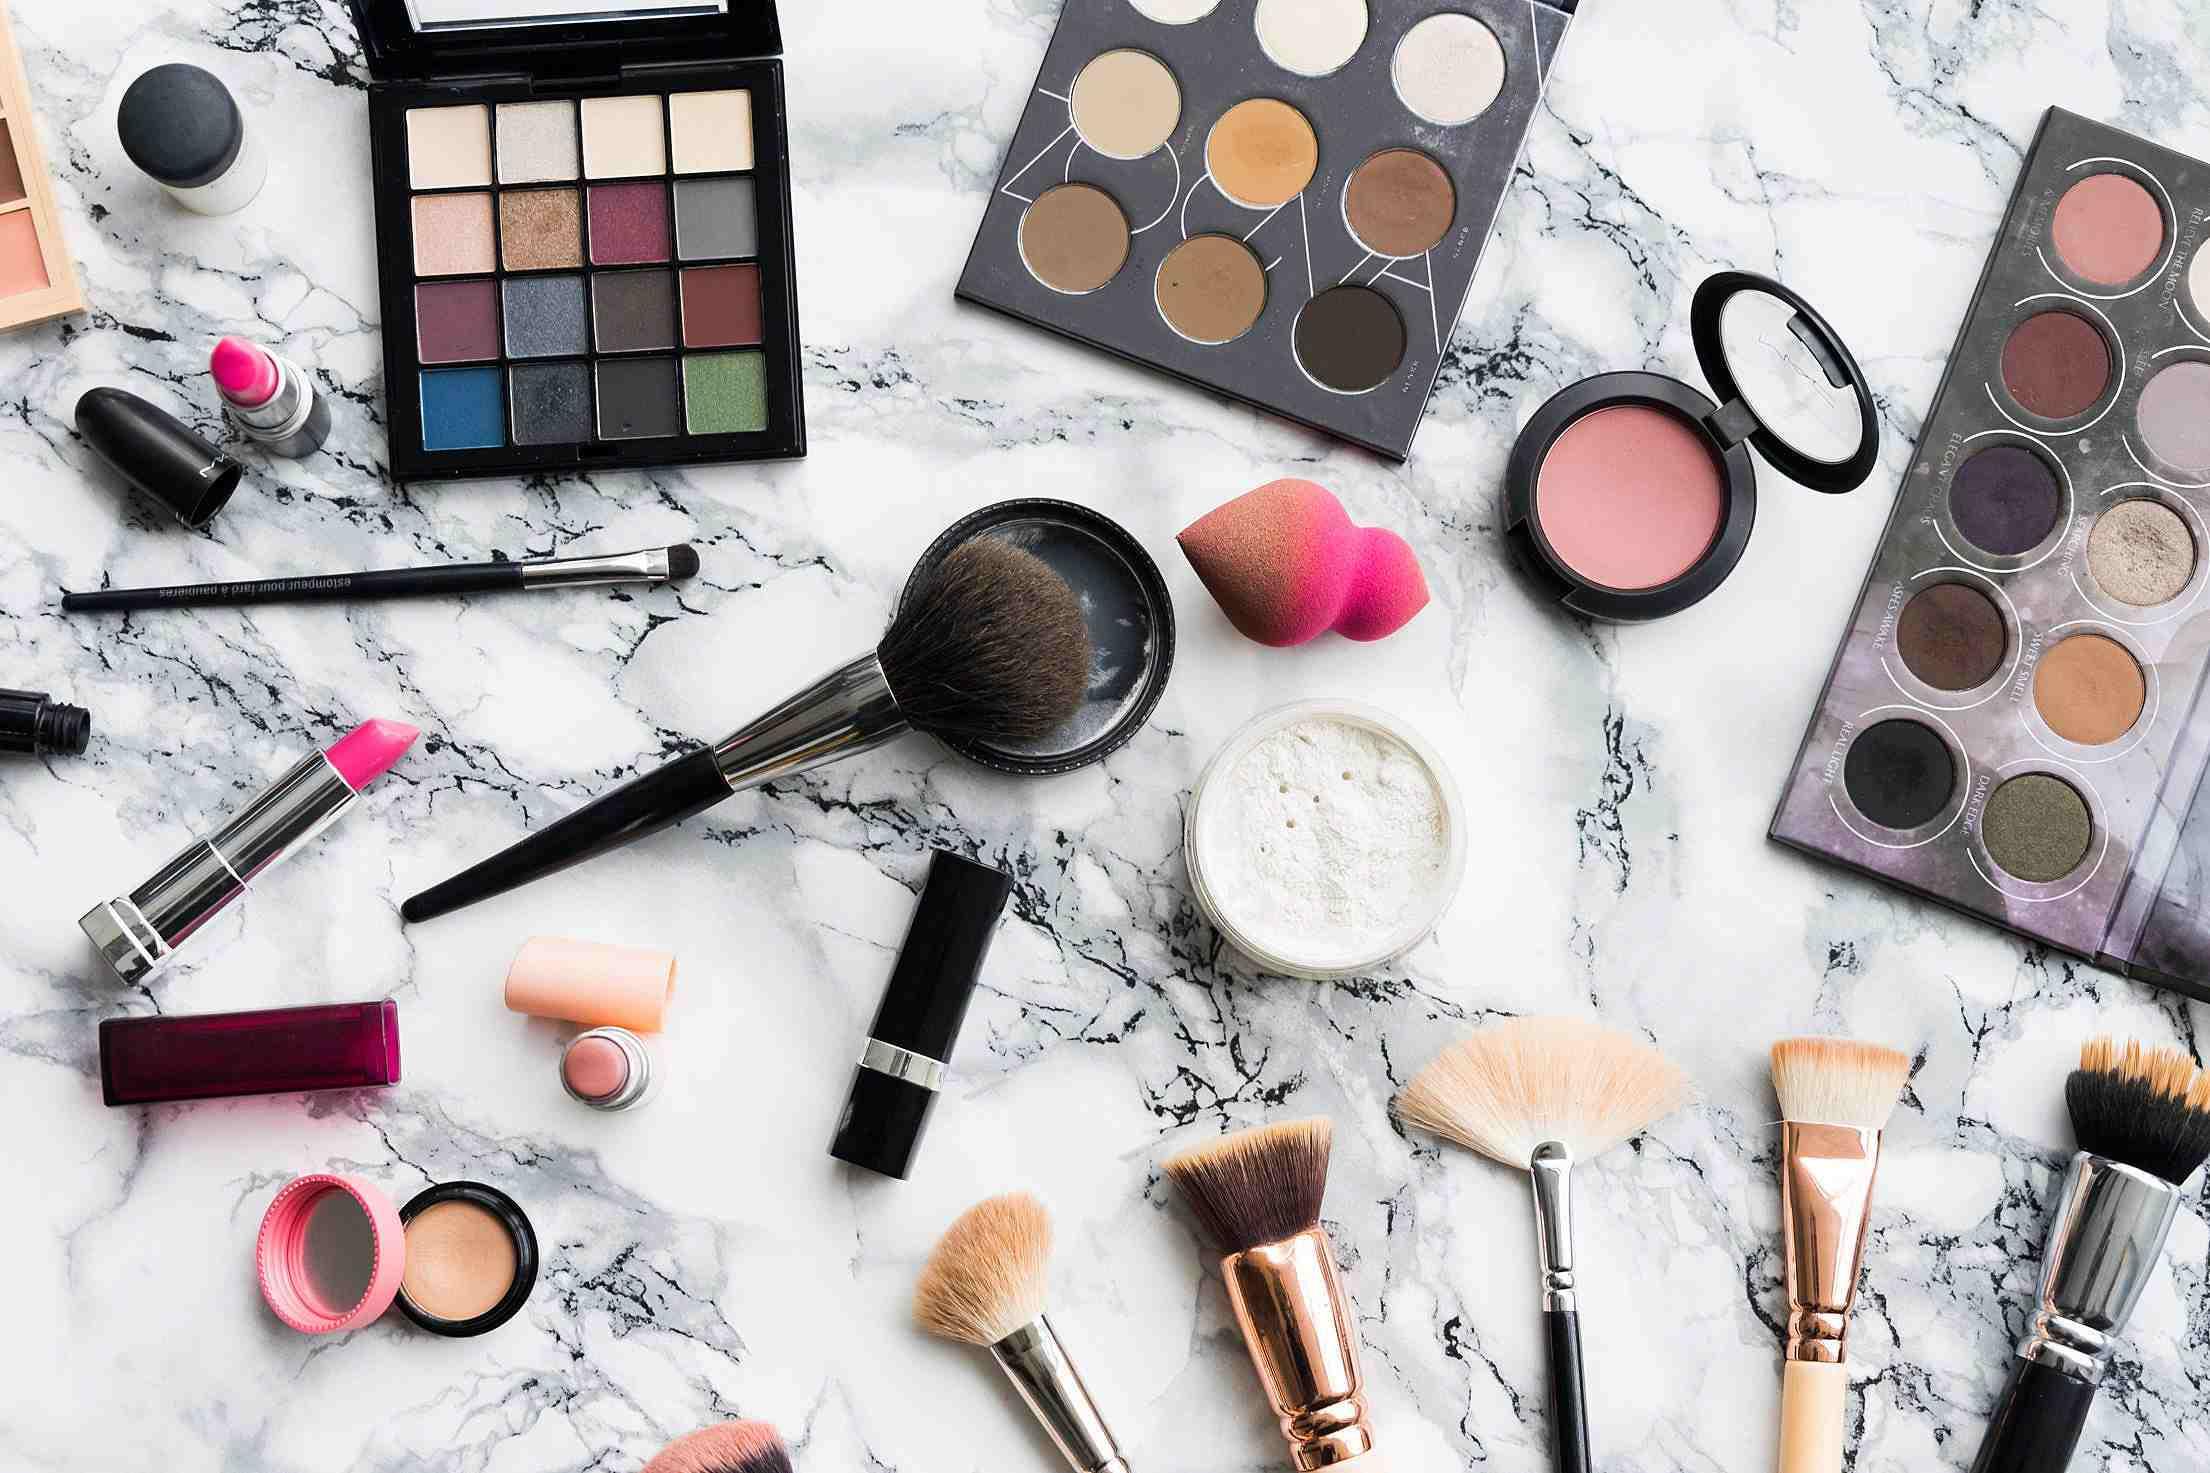 在全球男性化妝品賣出的數量當中,韓國就佔25%, 是非常驚人的數字,而韓國男性購買化妝品的金額也是全球第一位。